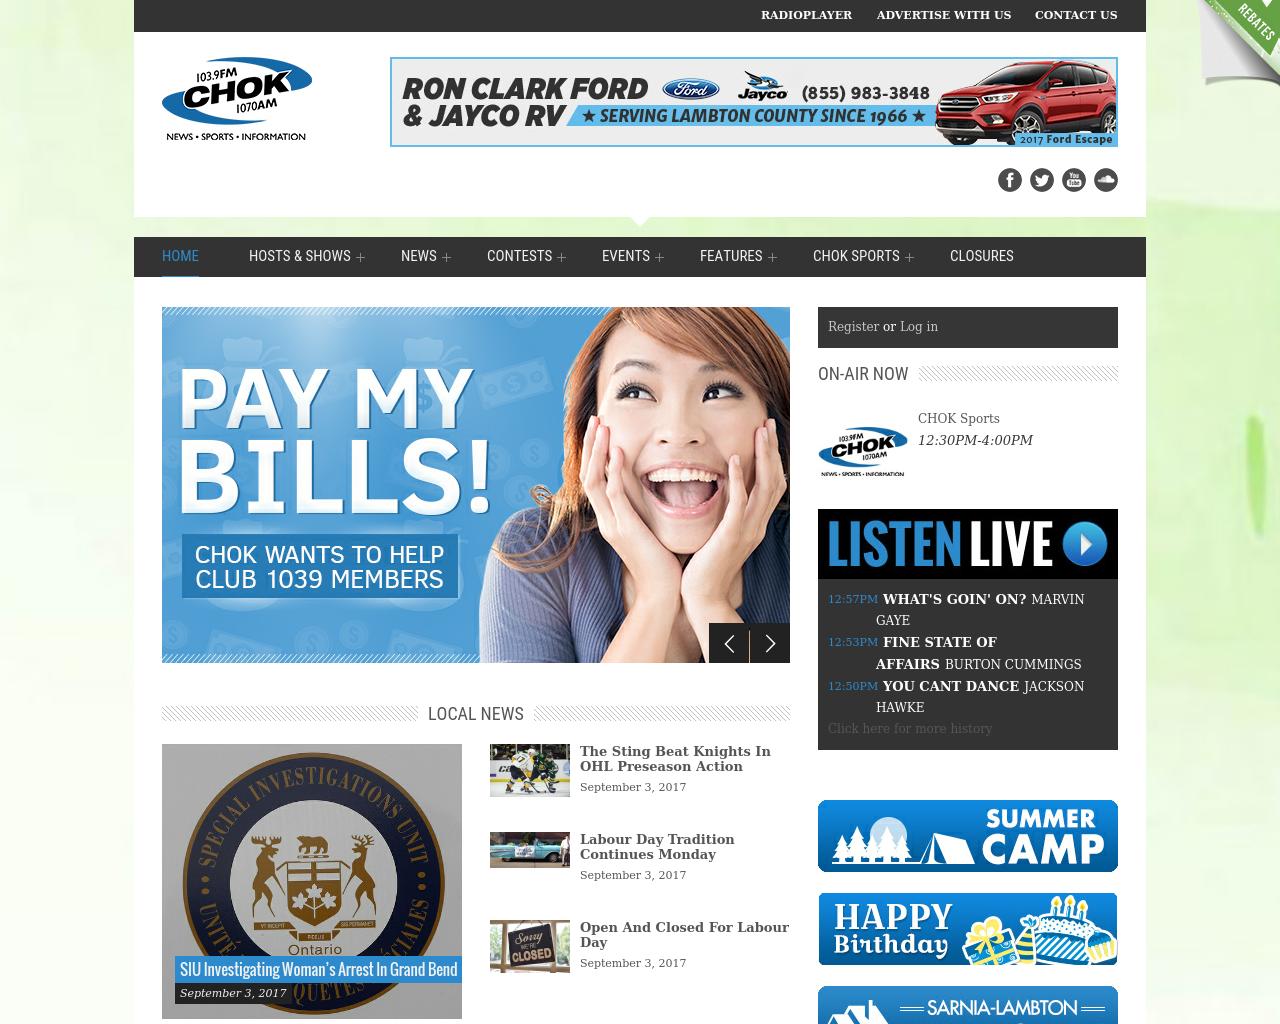 Chok.com-Advertising-Reviews-Pricing